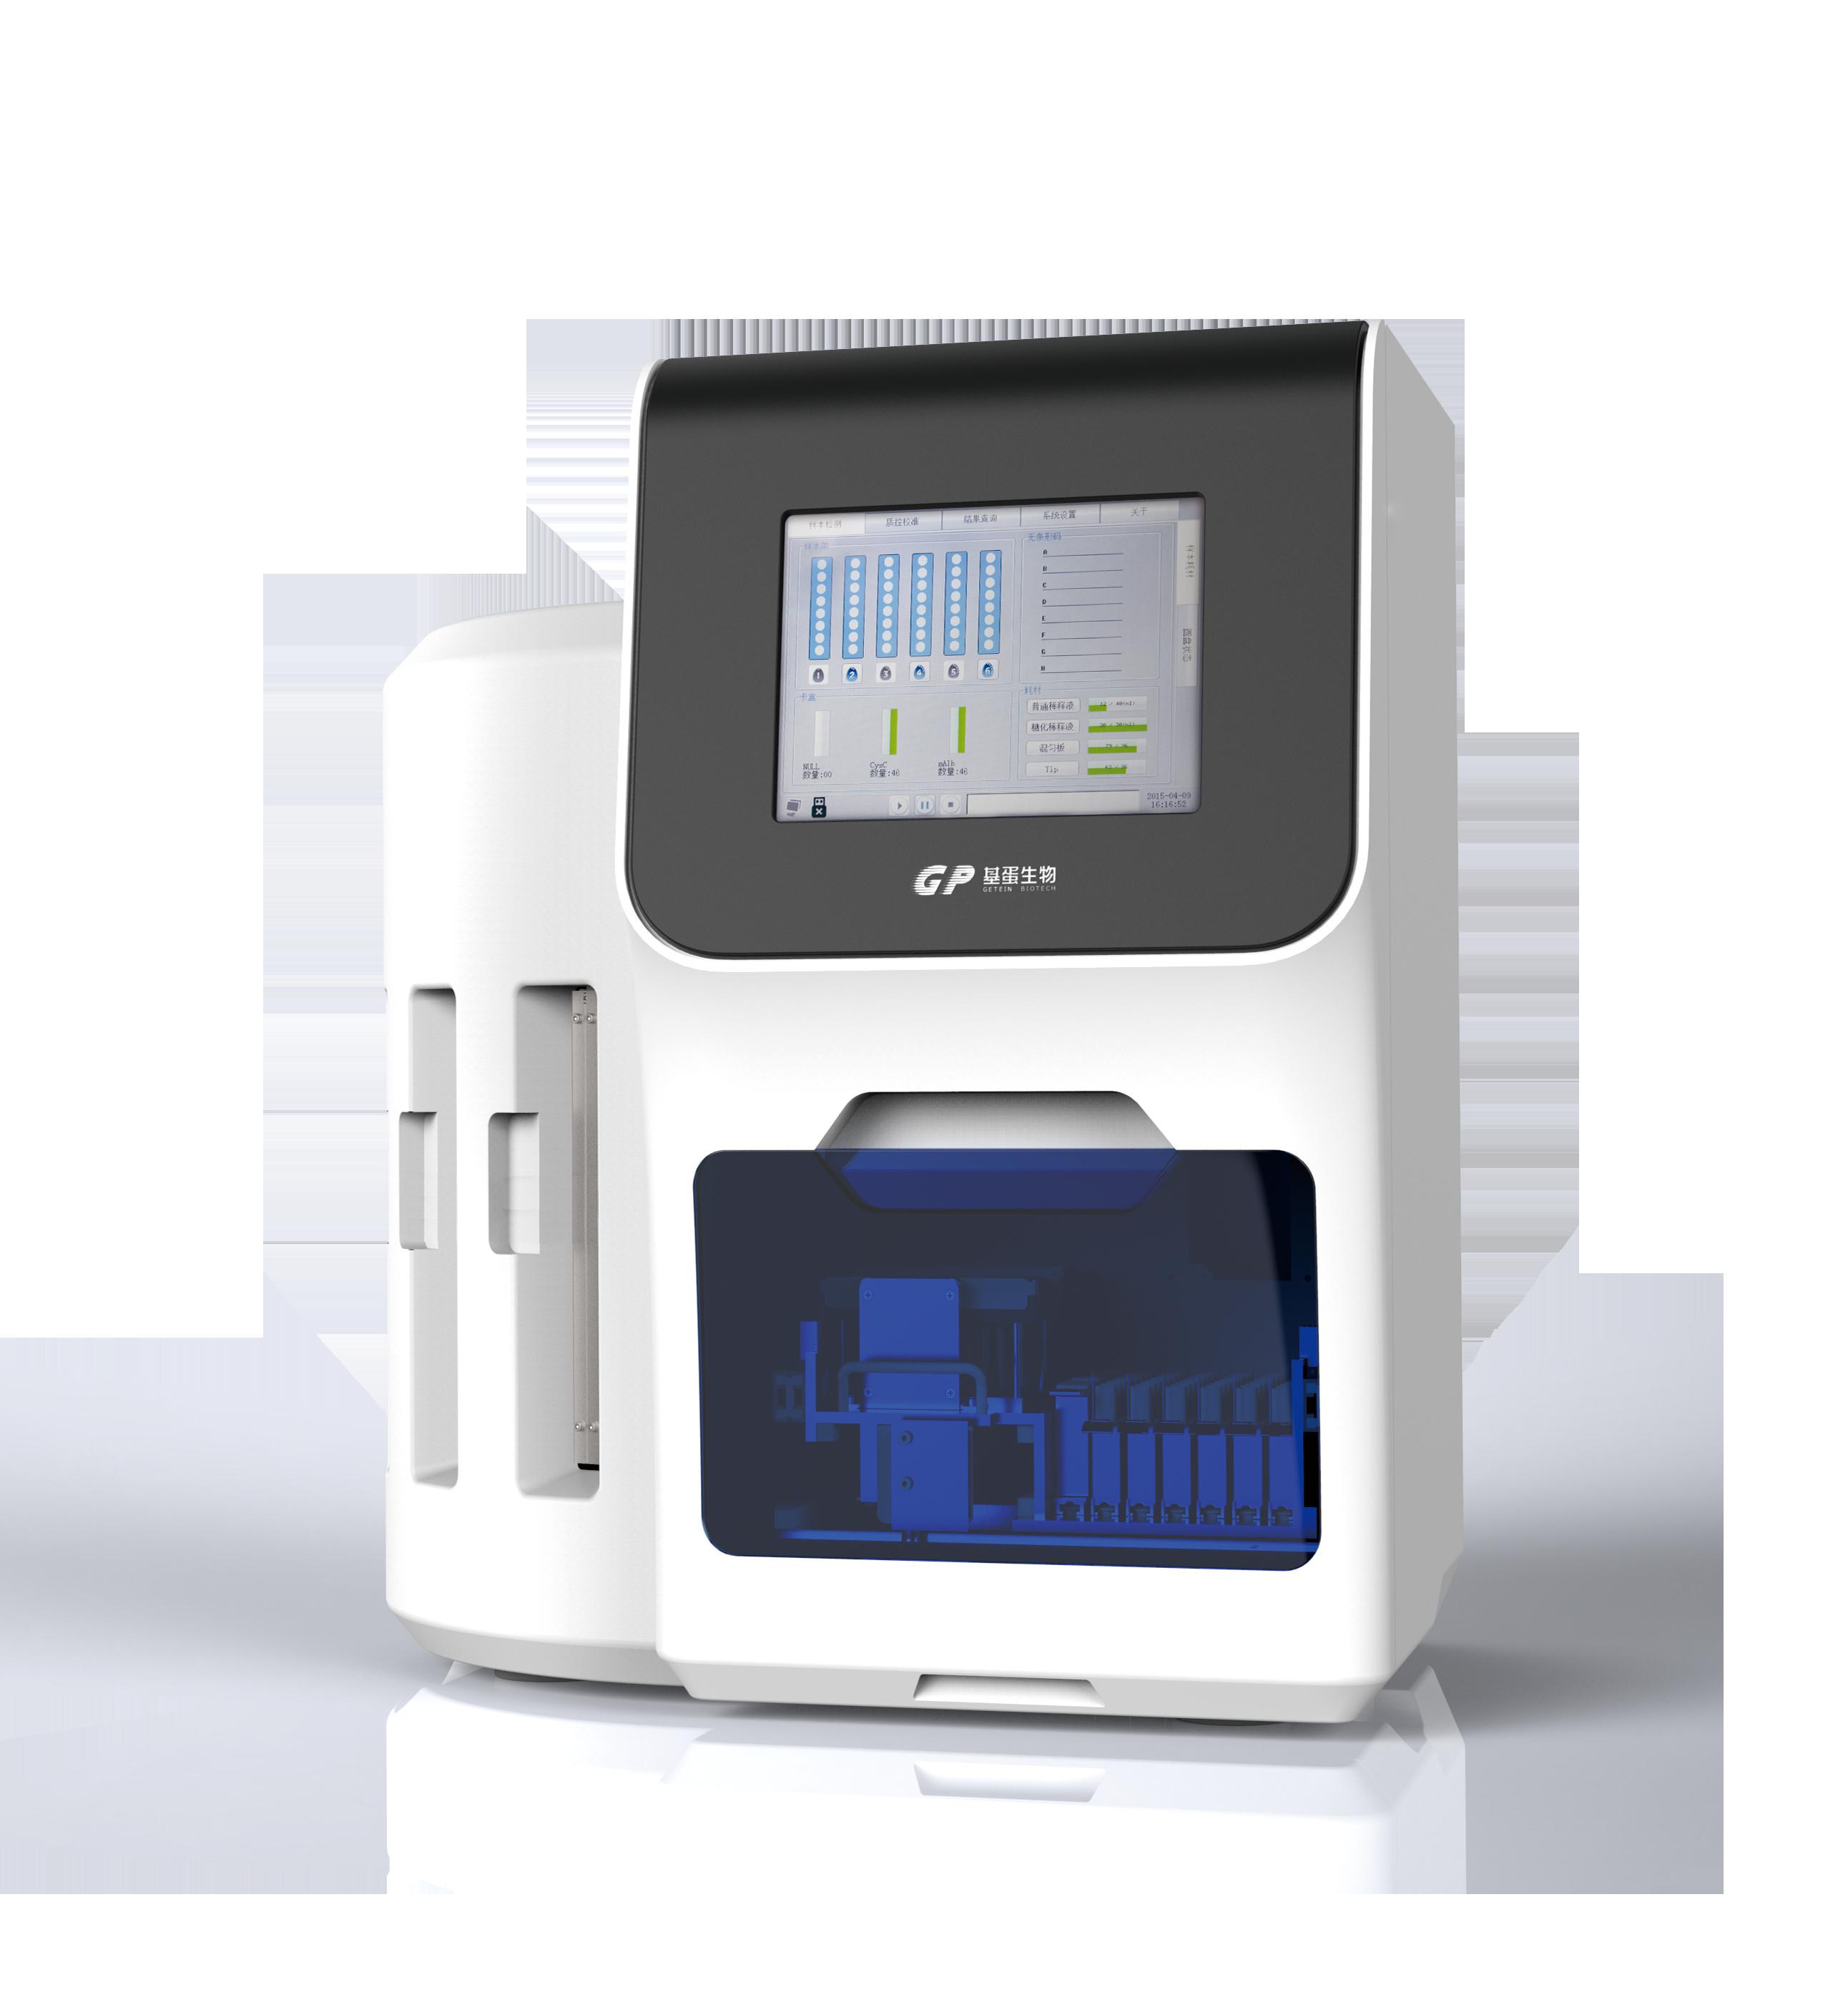 88必发娱乐官网_Getein1600全自动荧光免疫层析分析仪--打造急诊 中心88必发com室极佳应用方案